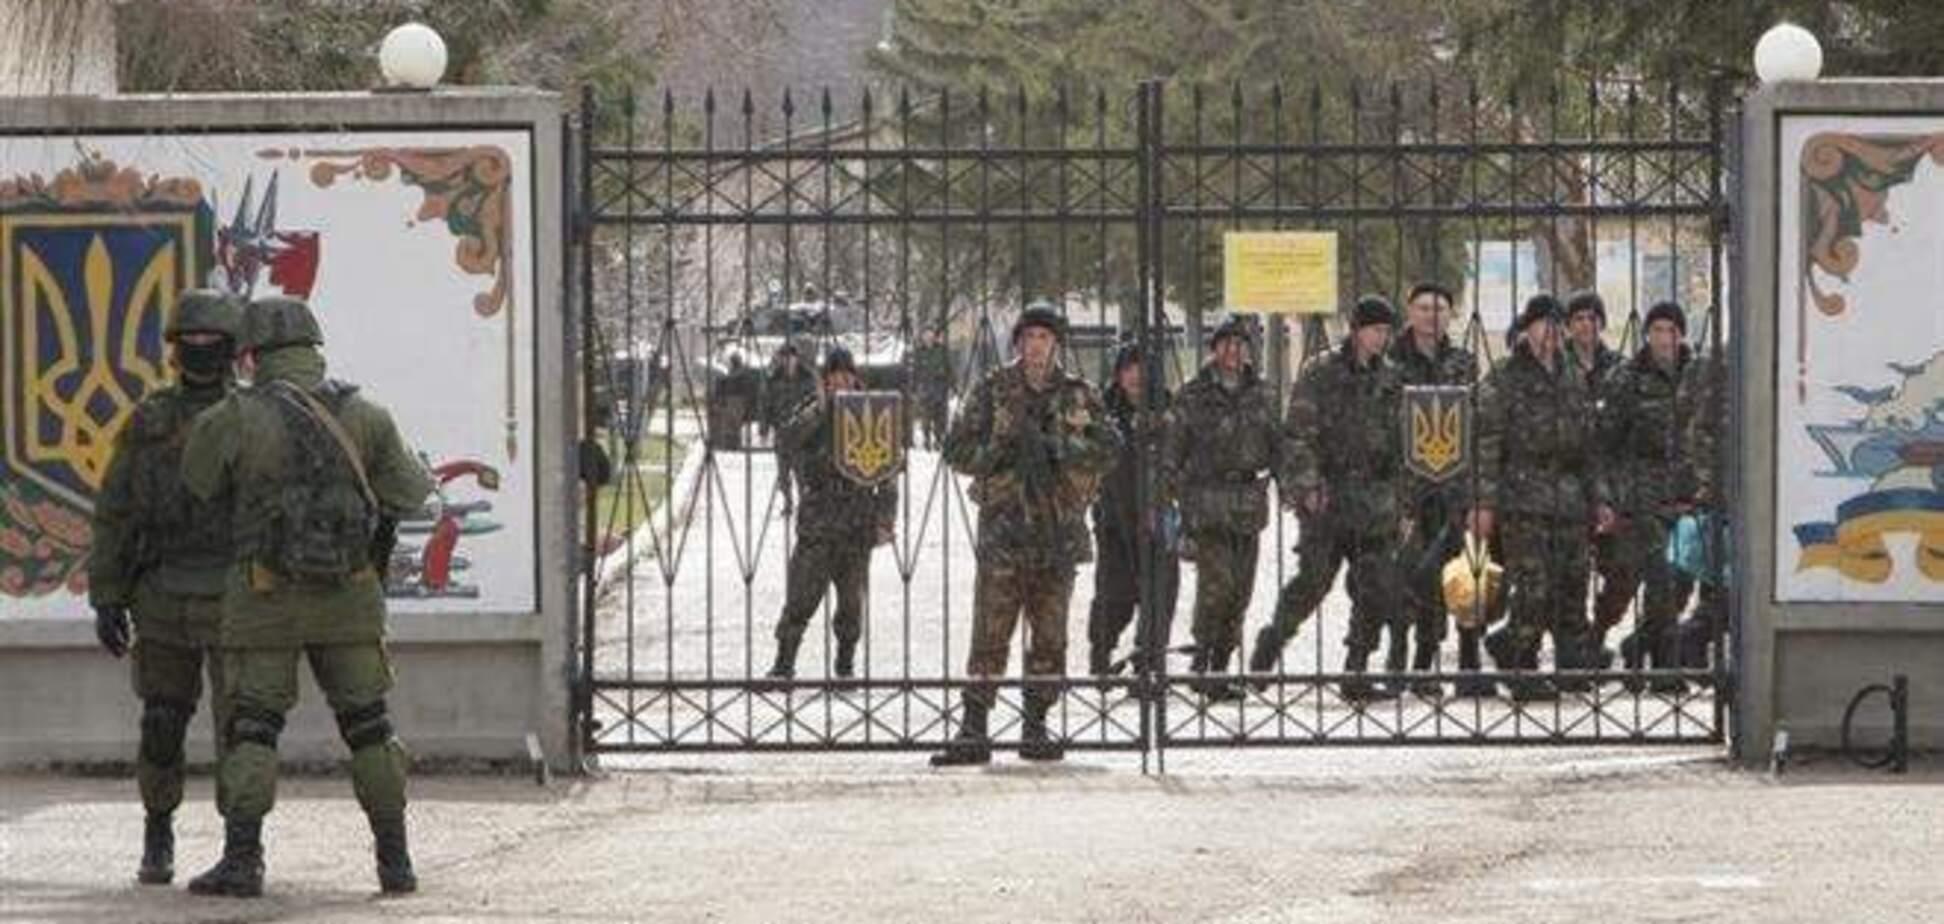 Украинские зенитчики в Евпатории просят эвакуировать горожан из-за угрозы взрыва